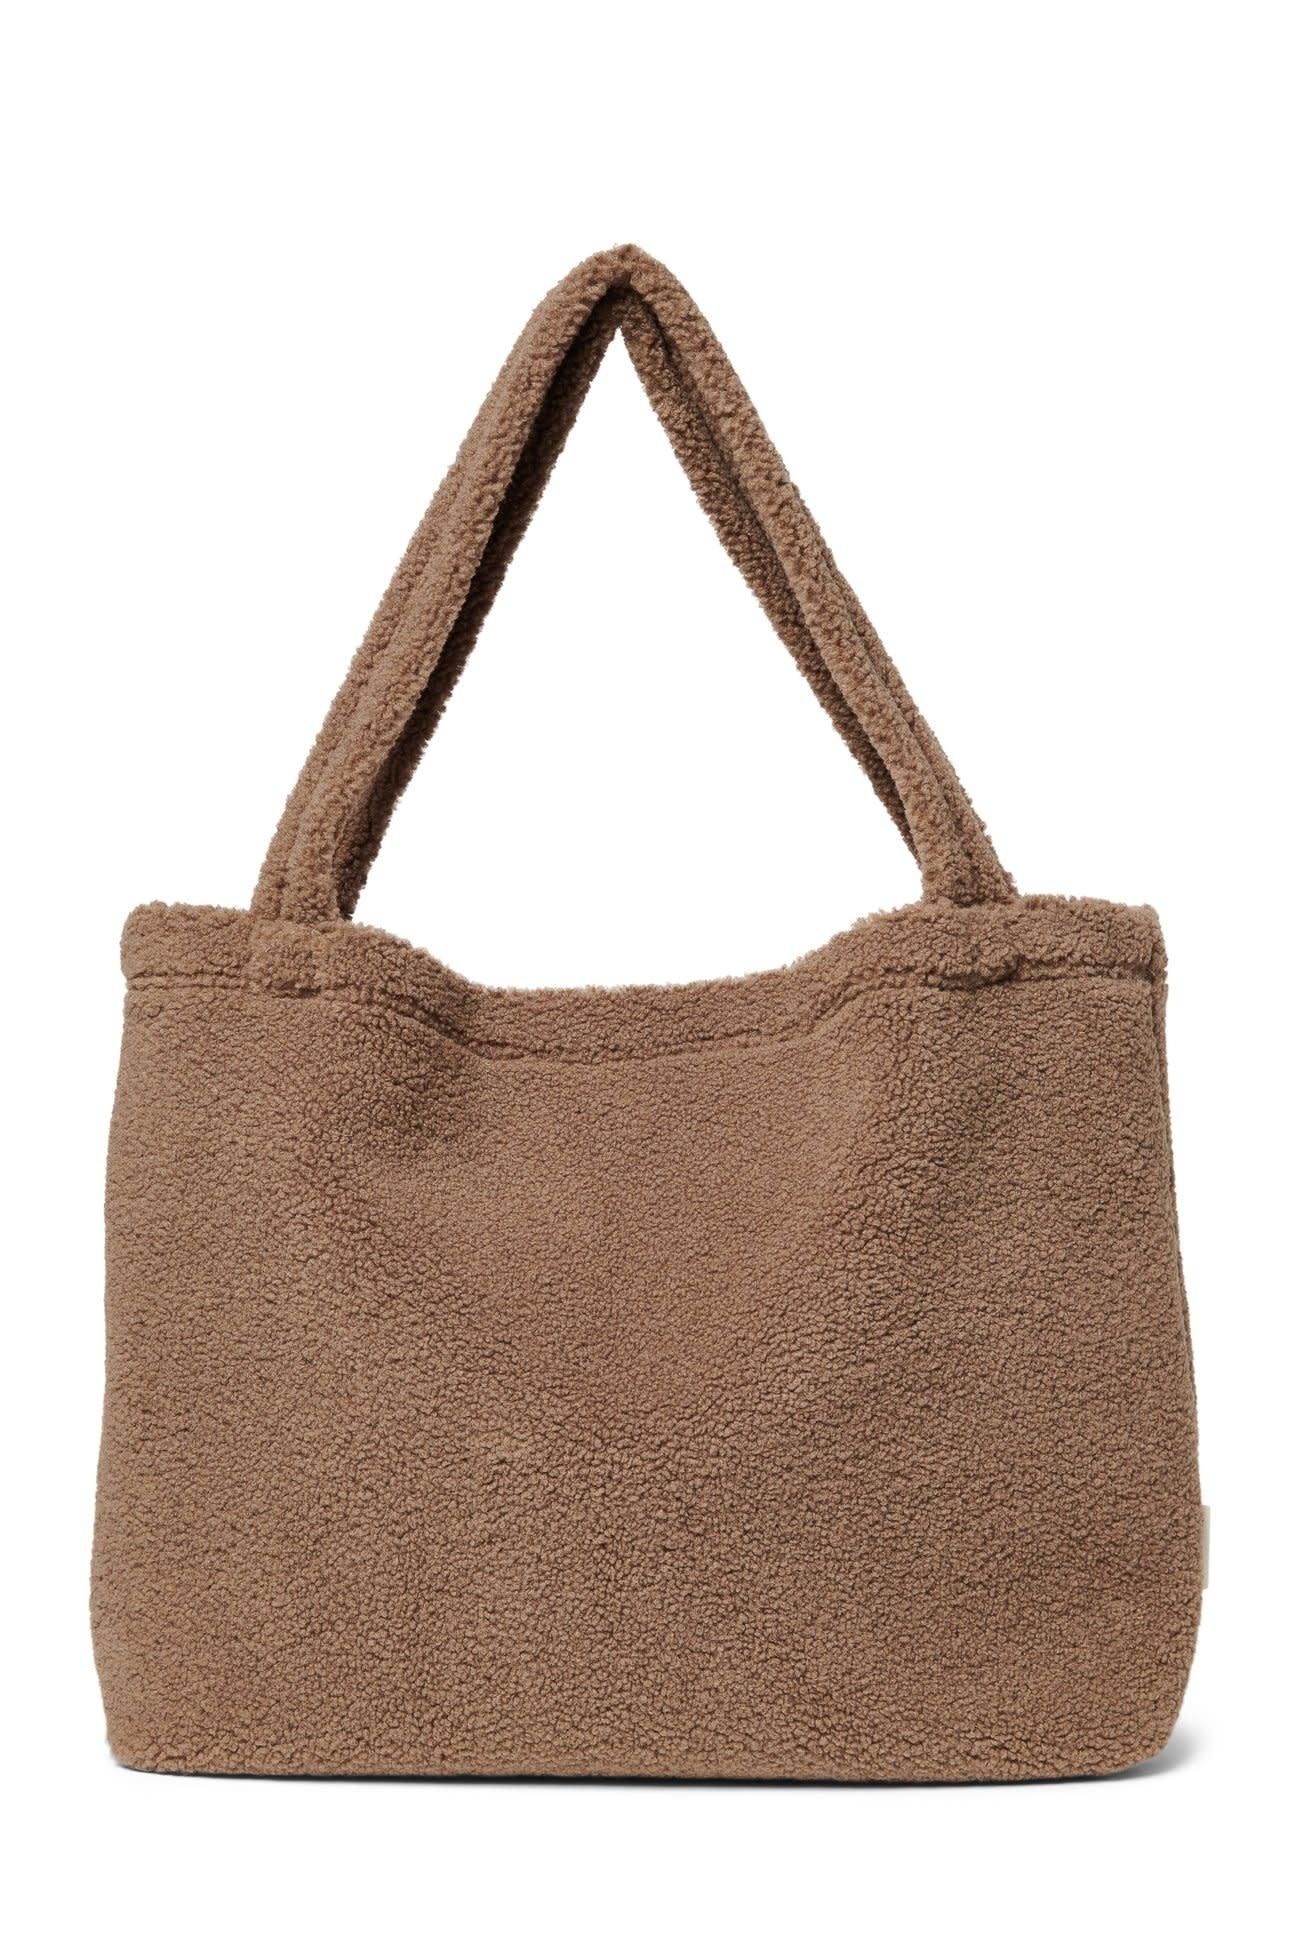 Studio Noos mom bag teddy bruin-1